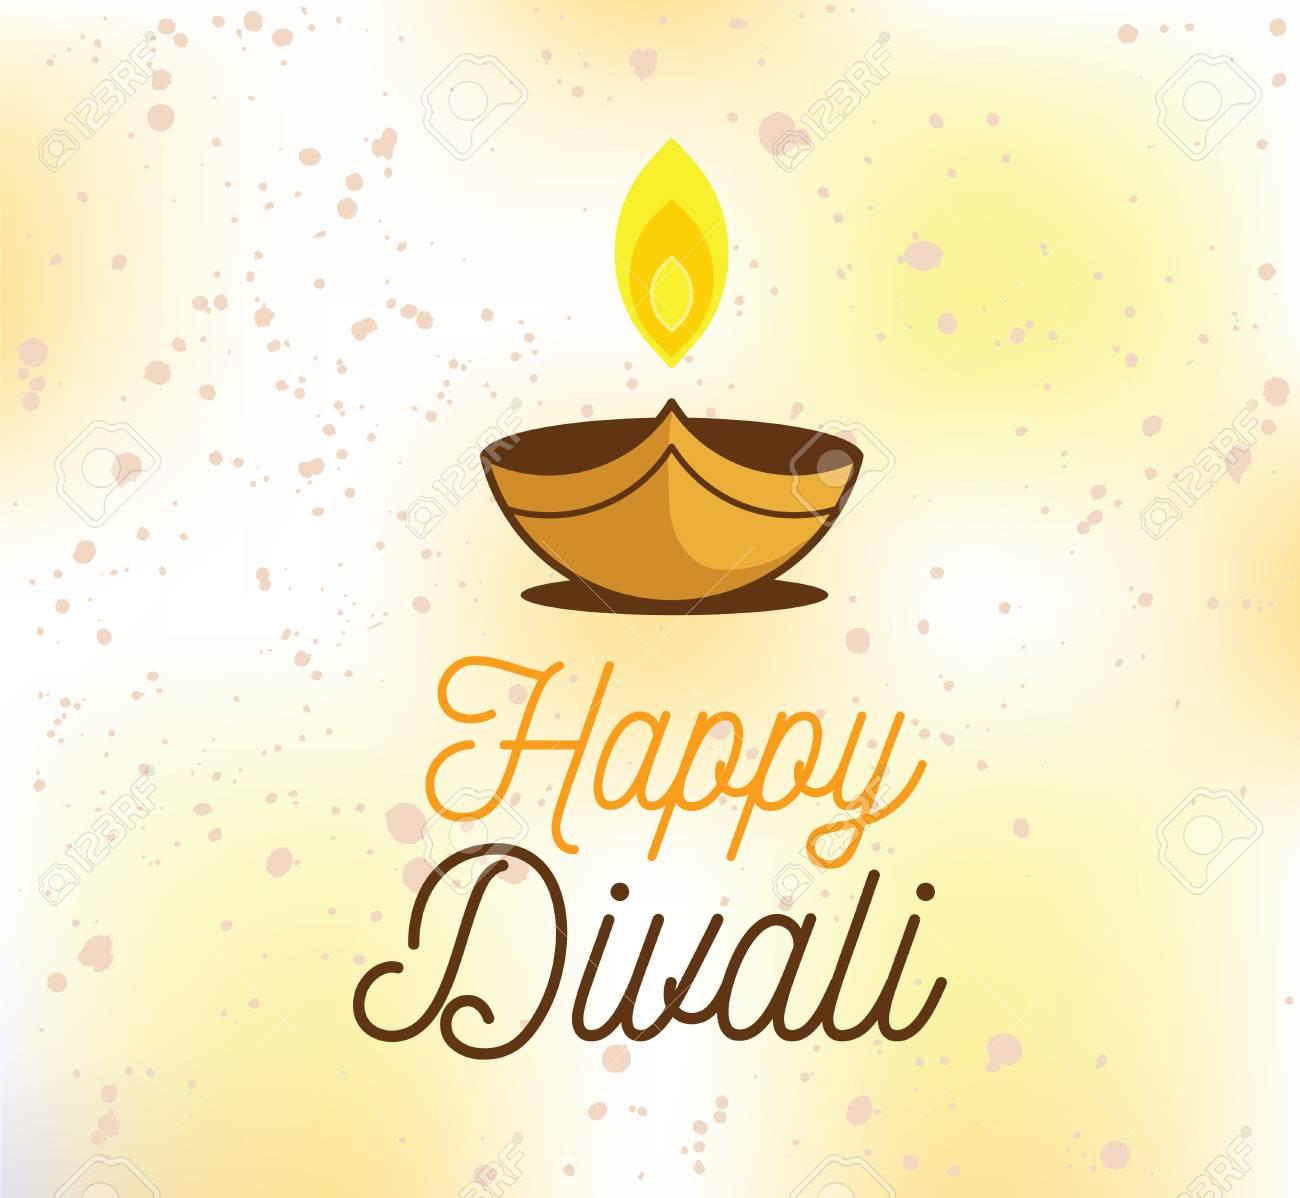 Happy diwali background typographic emblem with lamp vector happy diwali background typographic emblem with lamp vector text design usable for banners m4hsunfo